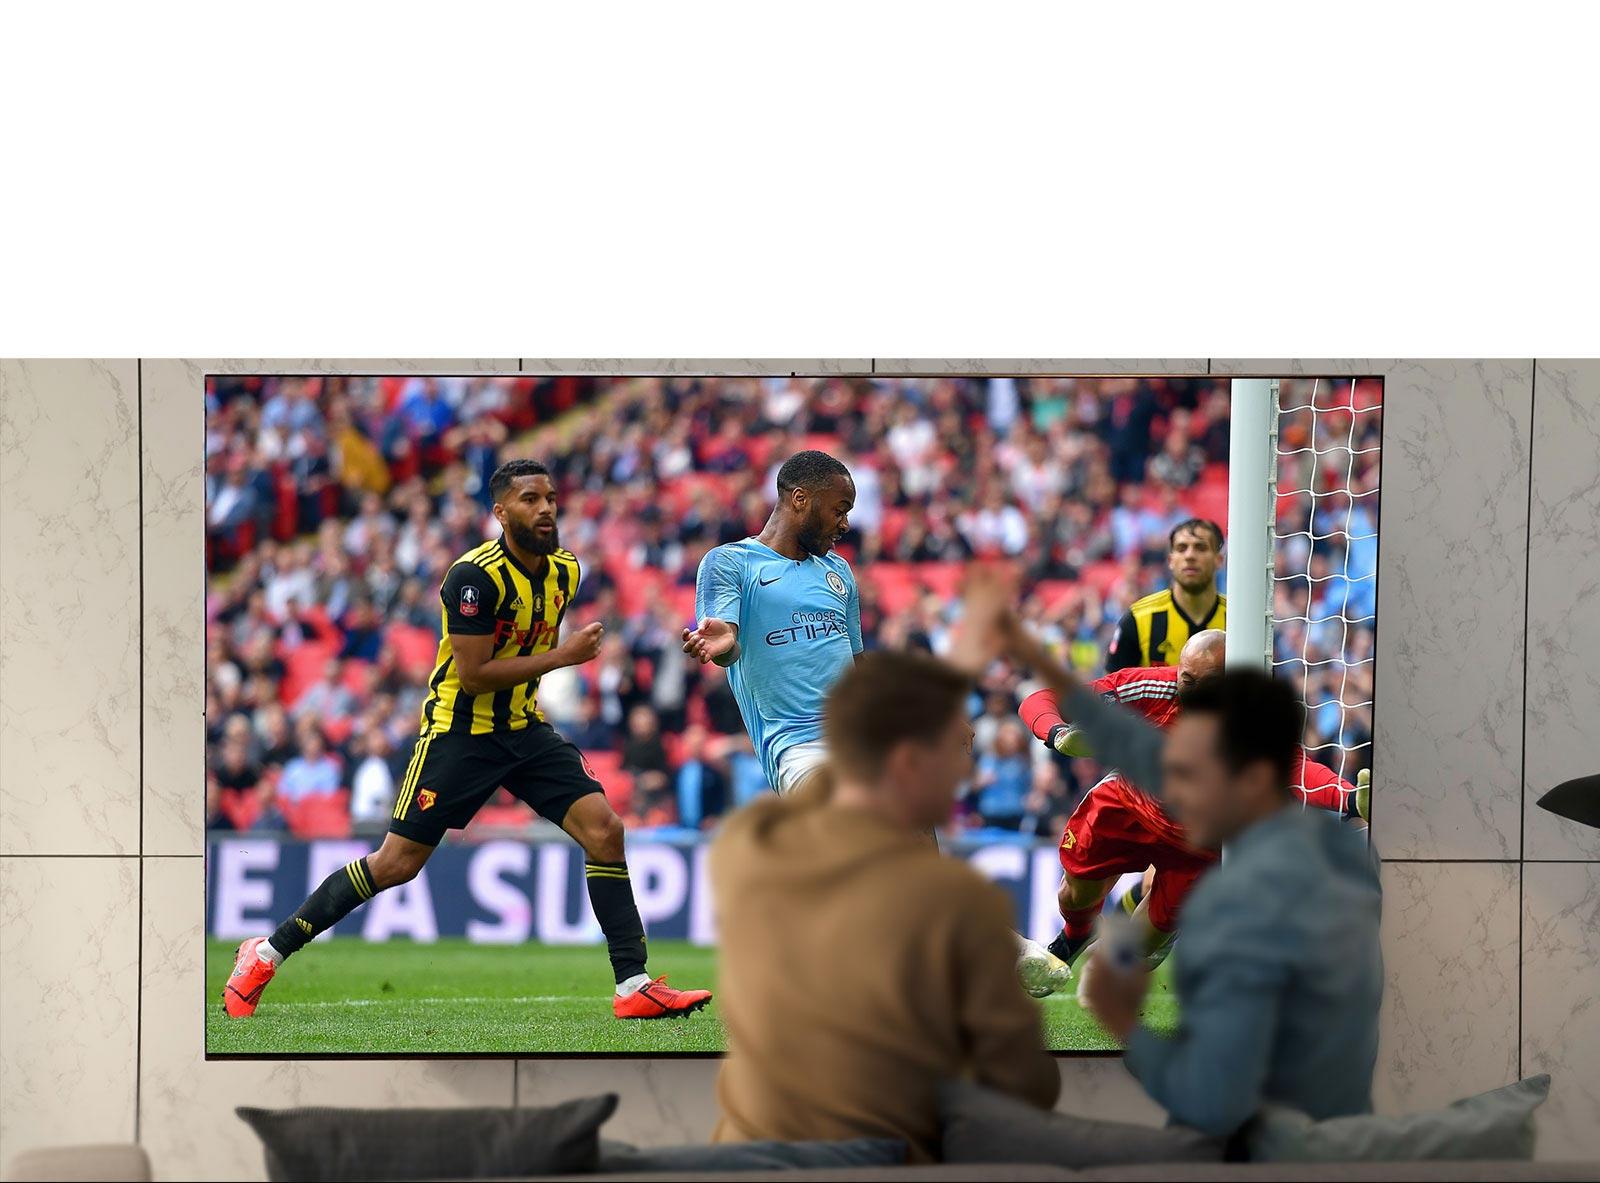 Des gens regardent un match de sport à la télévision dans le salon sur un écran de télévision ultralarge